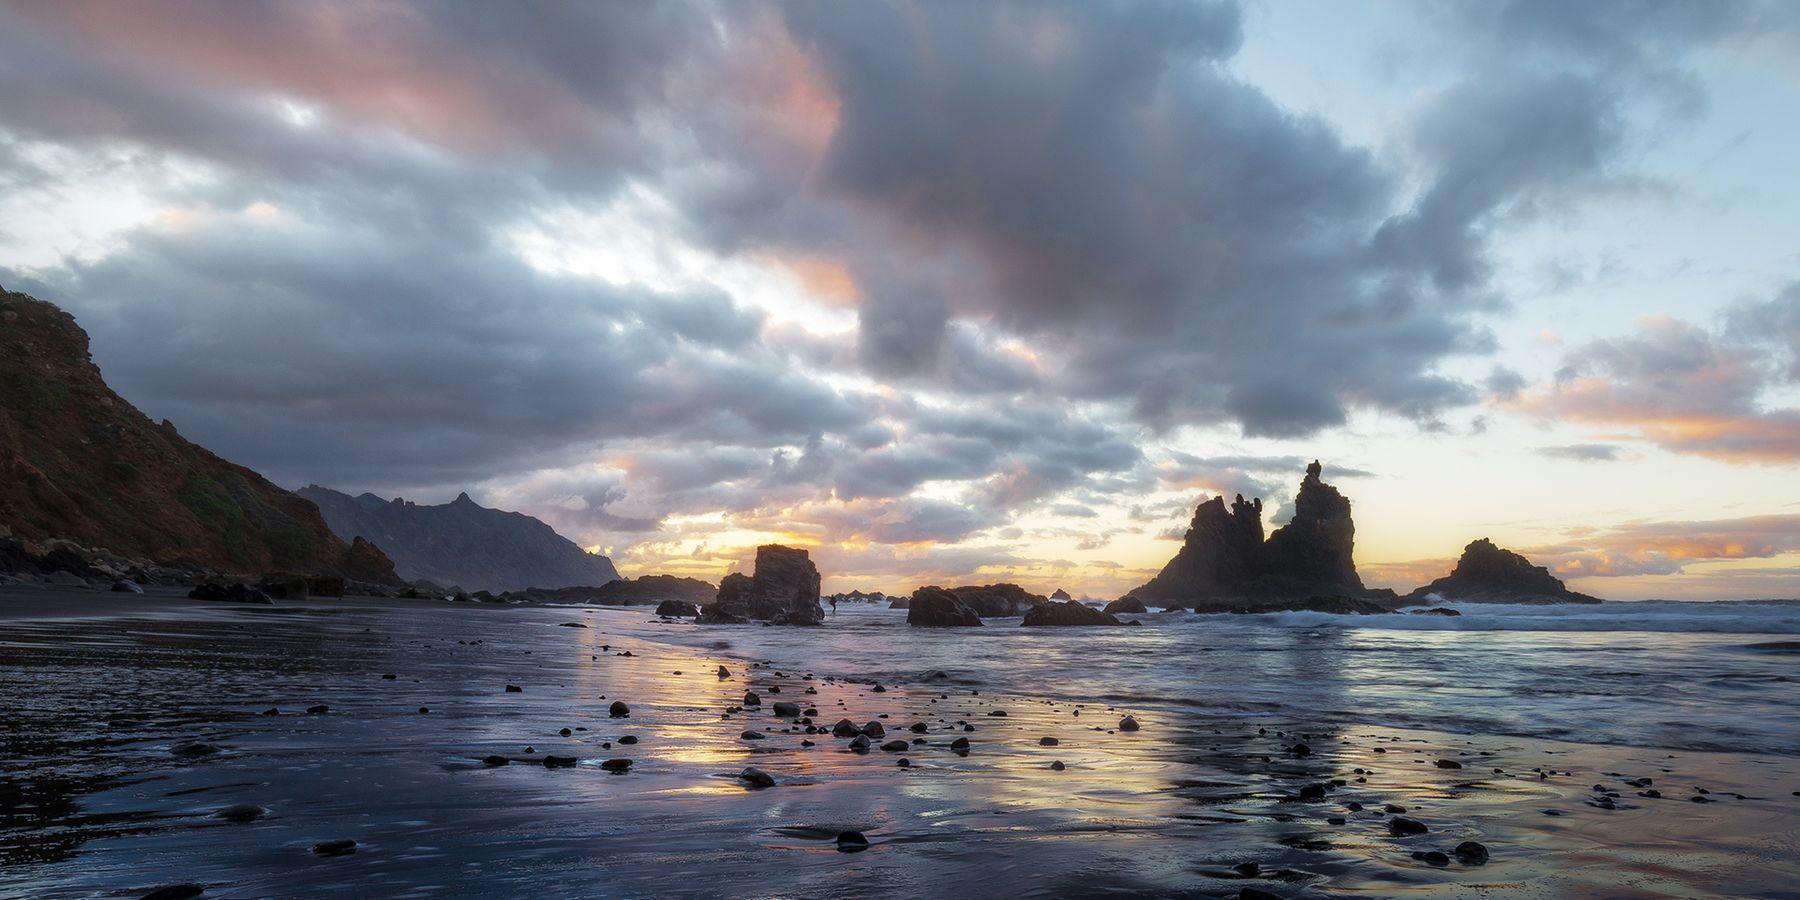 Отблески заката на песке Испания Бенихо закат океан выдержка скалы горы облака пляж берег